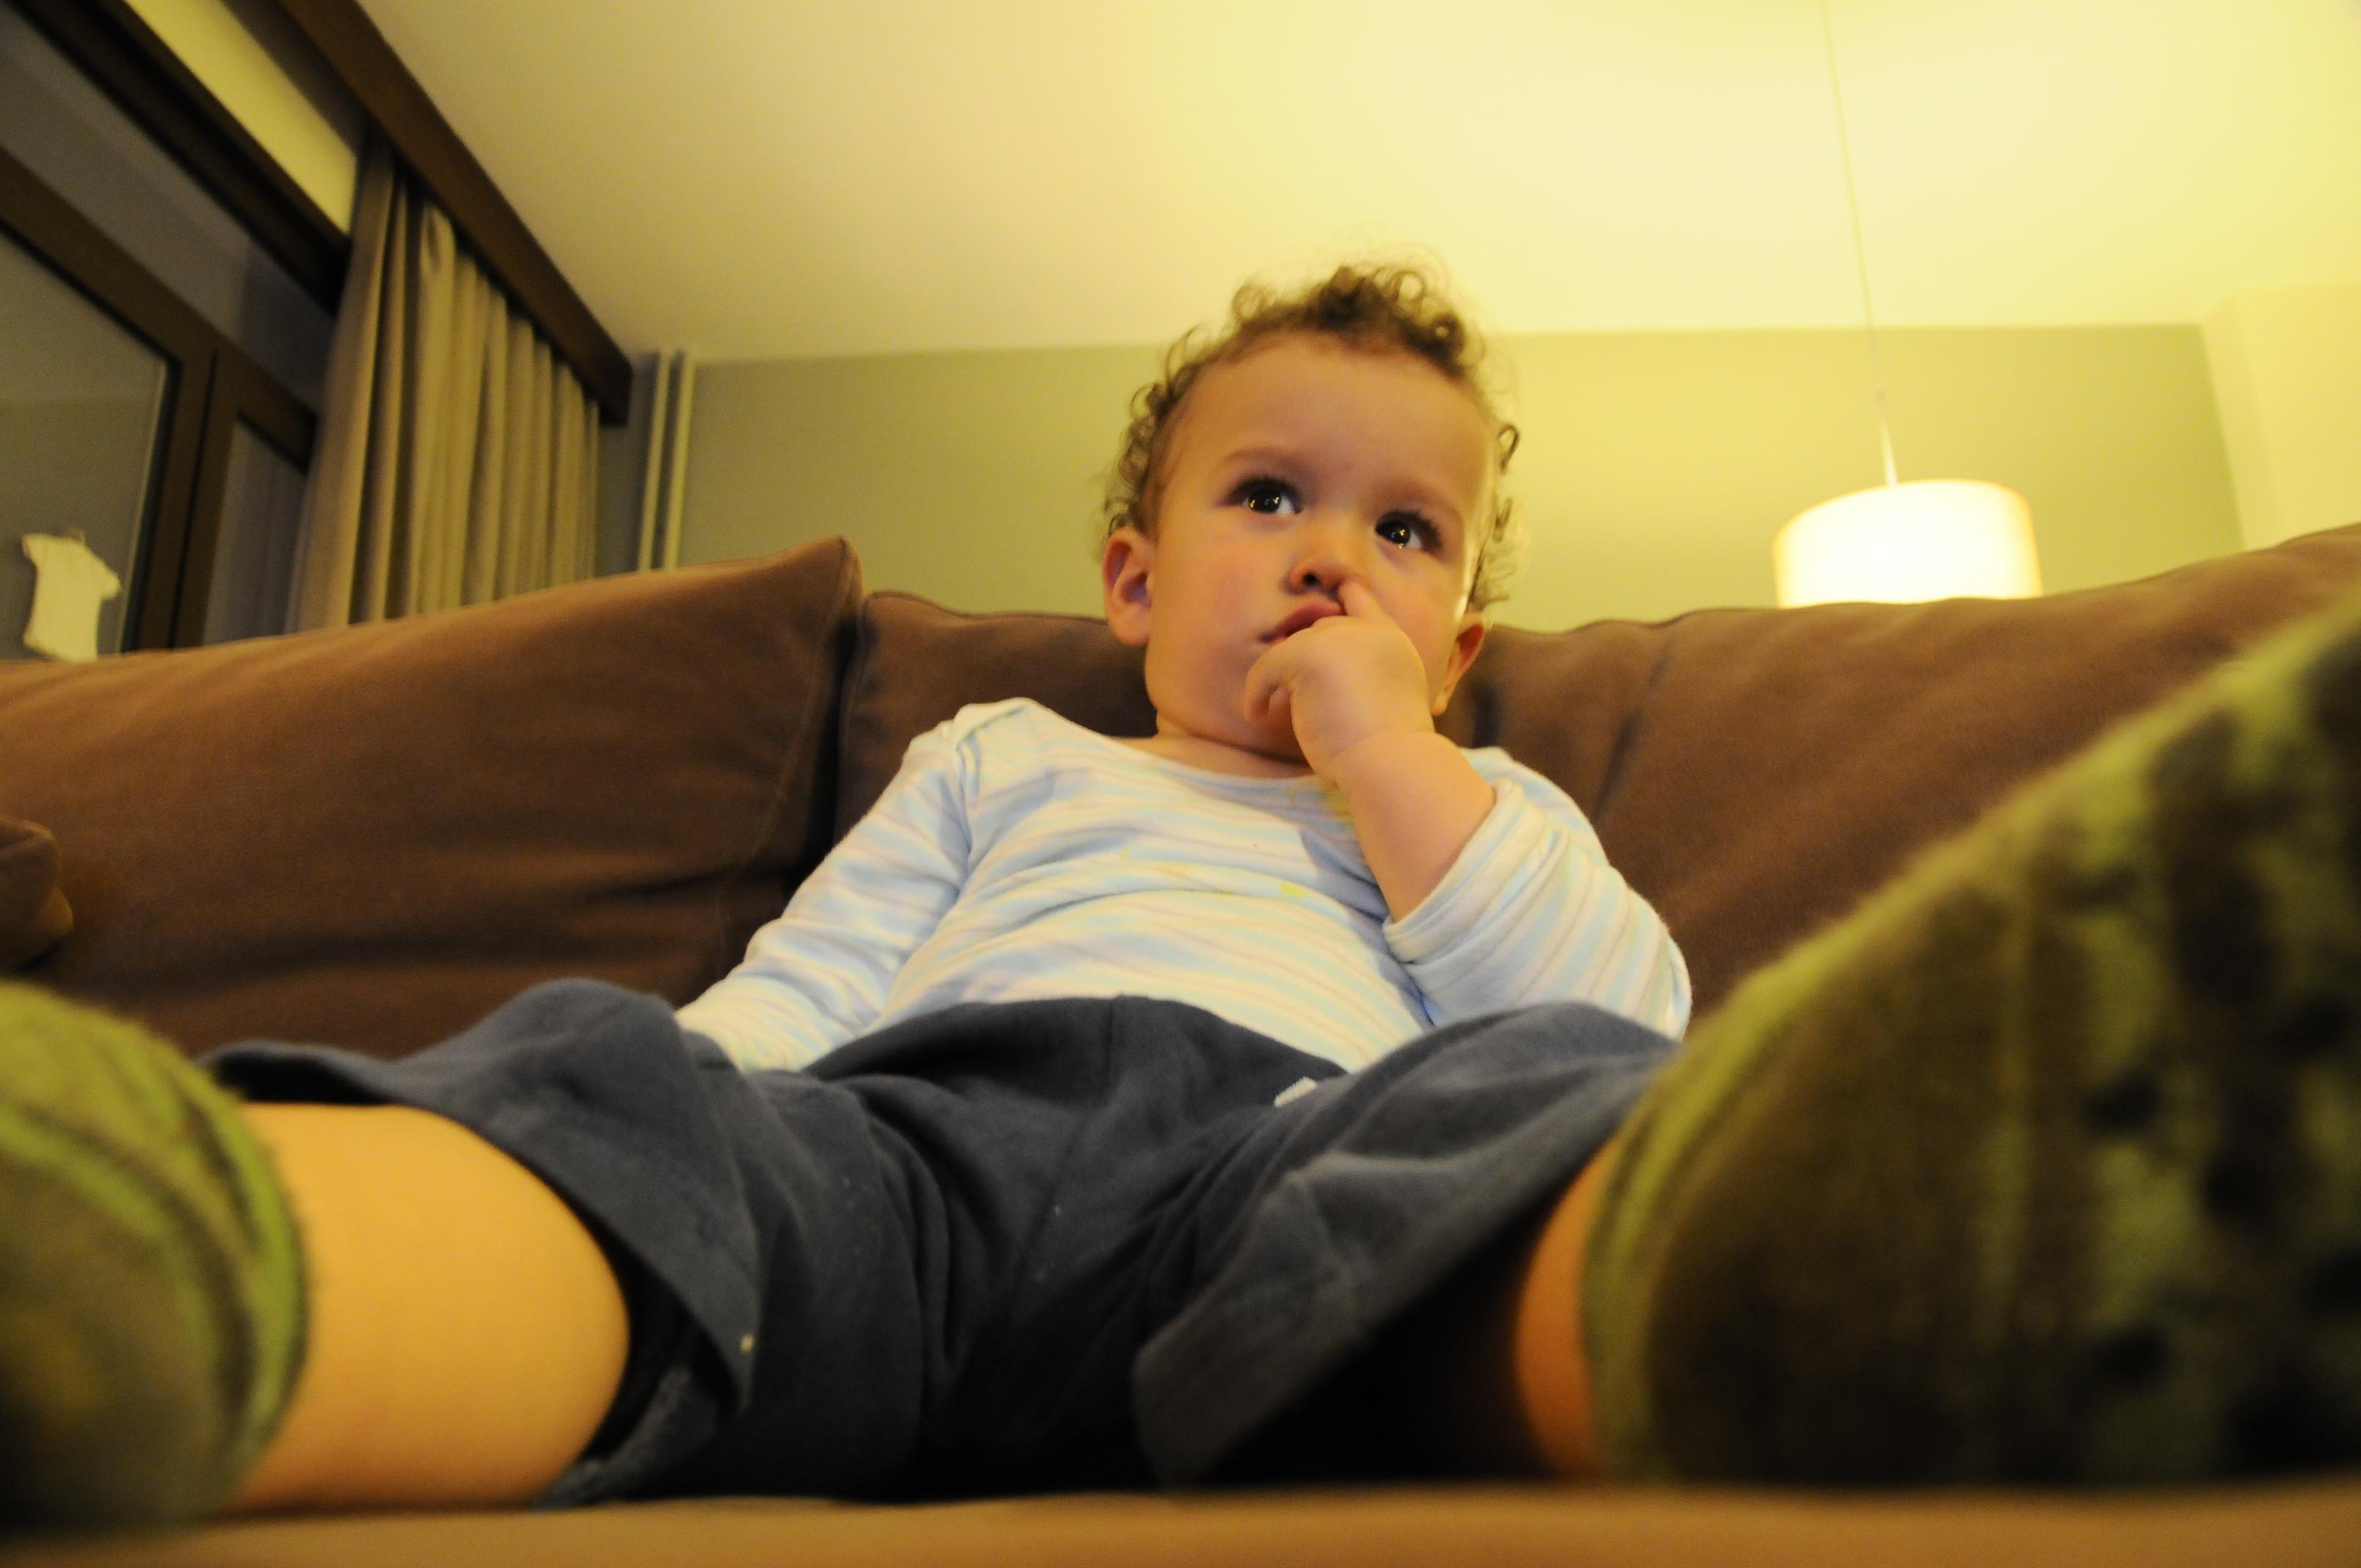 Çocukları memelerden ayırmak nasıl. Pratik ipuçları